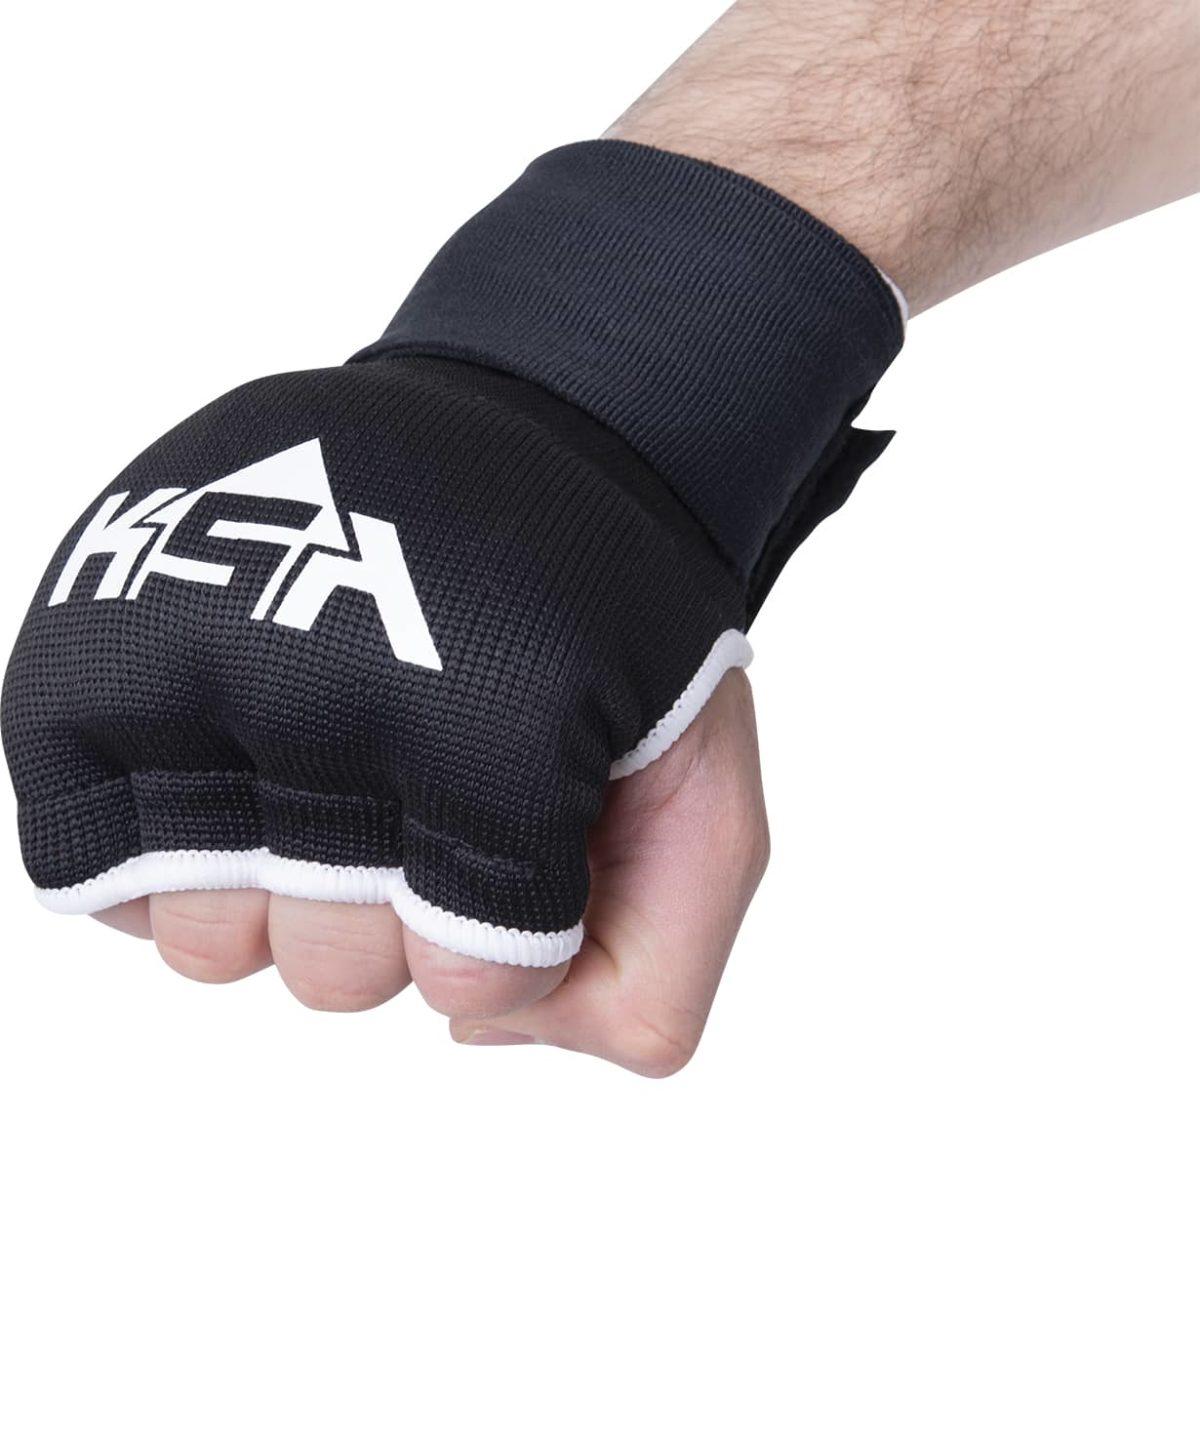 KSA Bull Gel Black Перчатки внутренние для бокса  17904 - 3